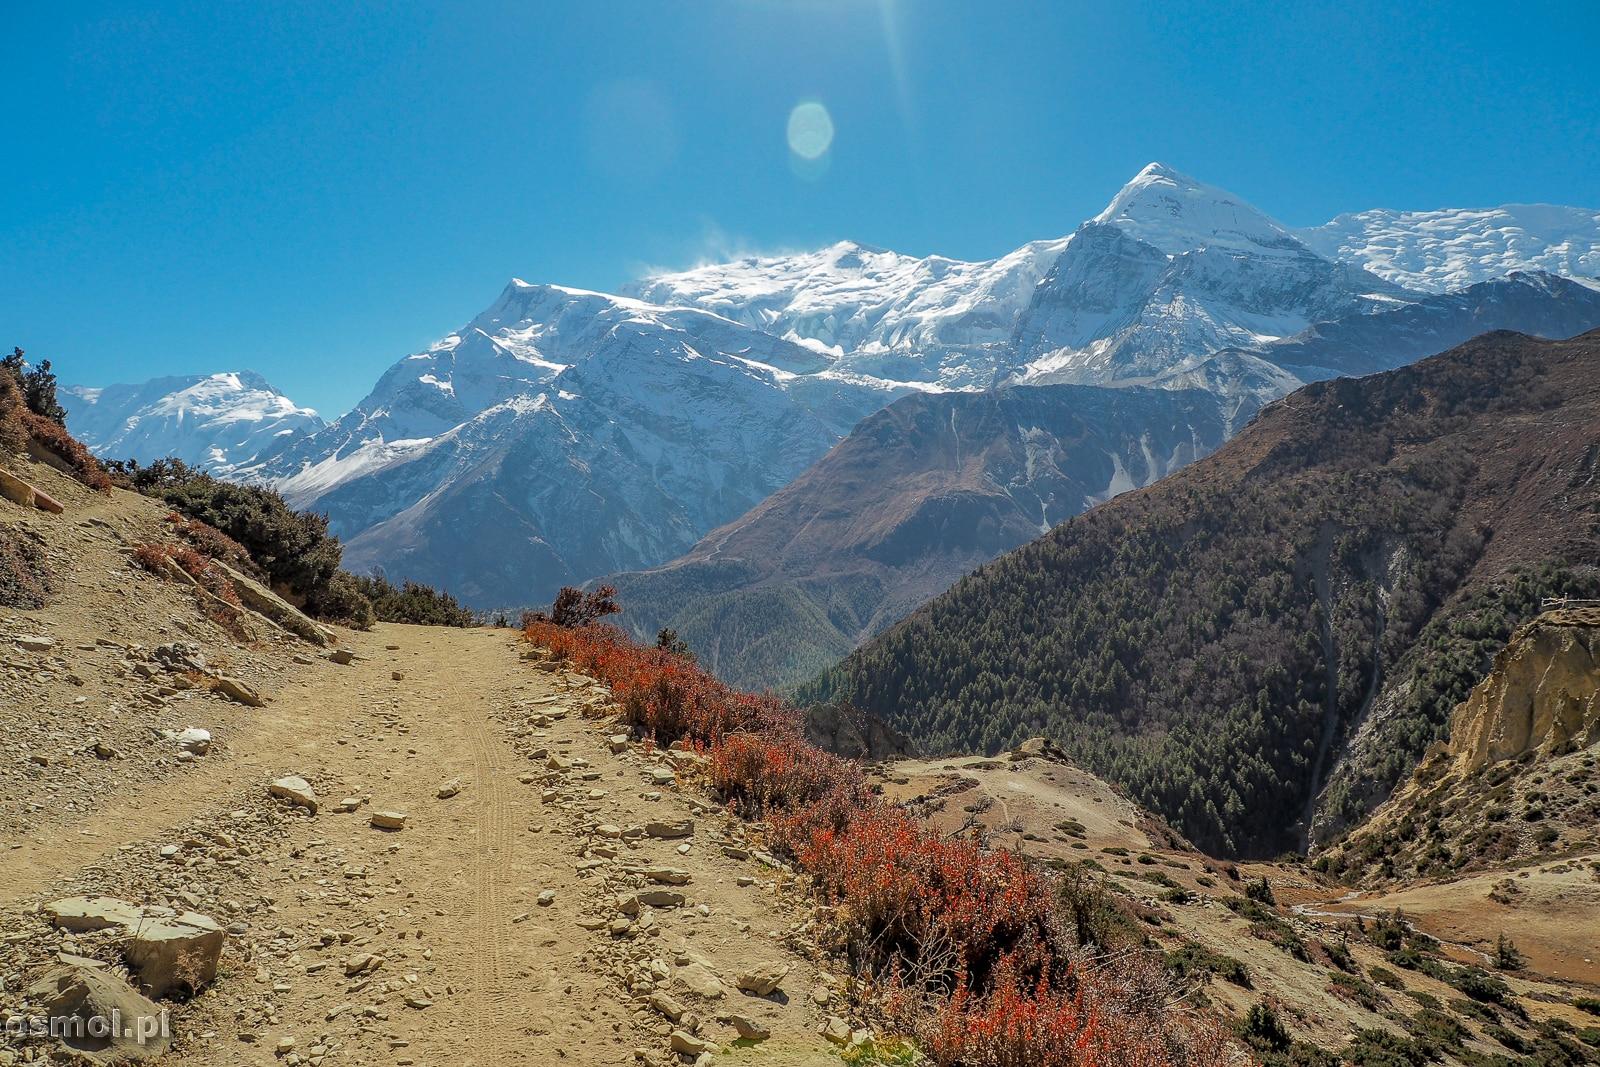 Szlak trekingowy dookoła Annapurny. Absolutne piękno przyrody.